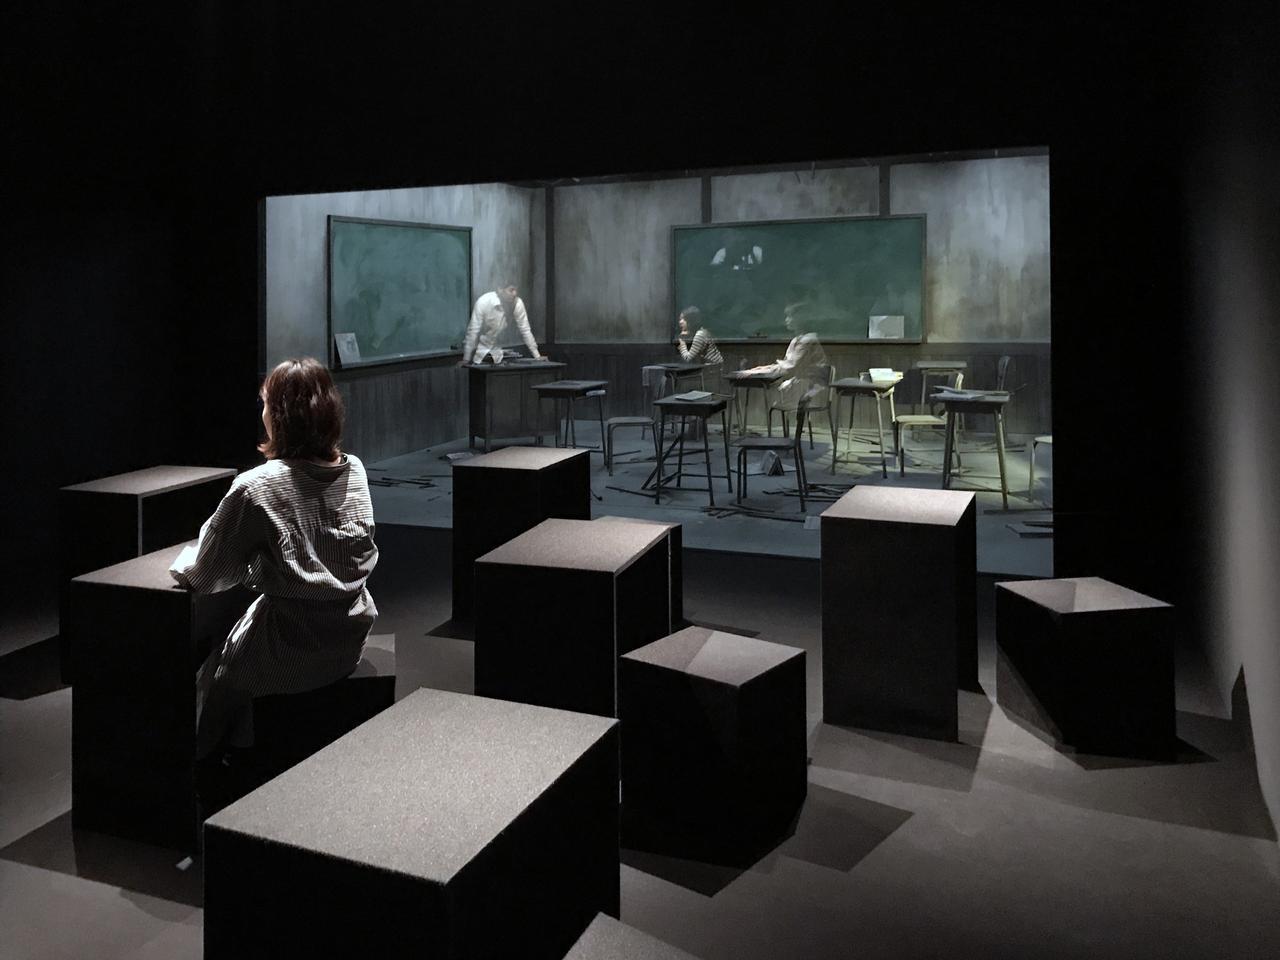 画像: 《教室》 The Classroom 2017 木材、窓、机、椅子、ドア、ガラス、照明 Wood, window, desk, chair, door, glass, light  1220 × 550 × 430 cm photo©cinefil:ms